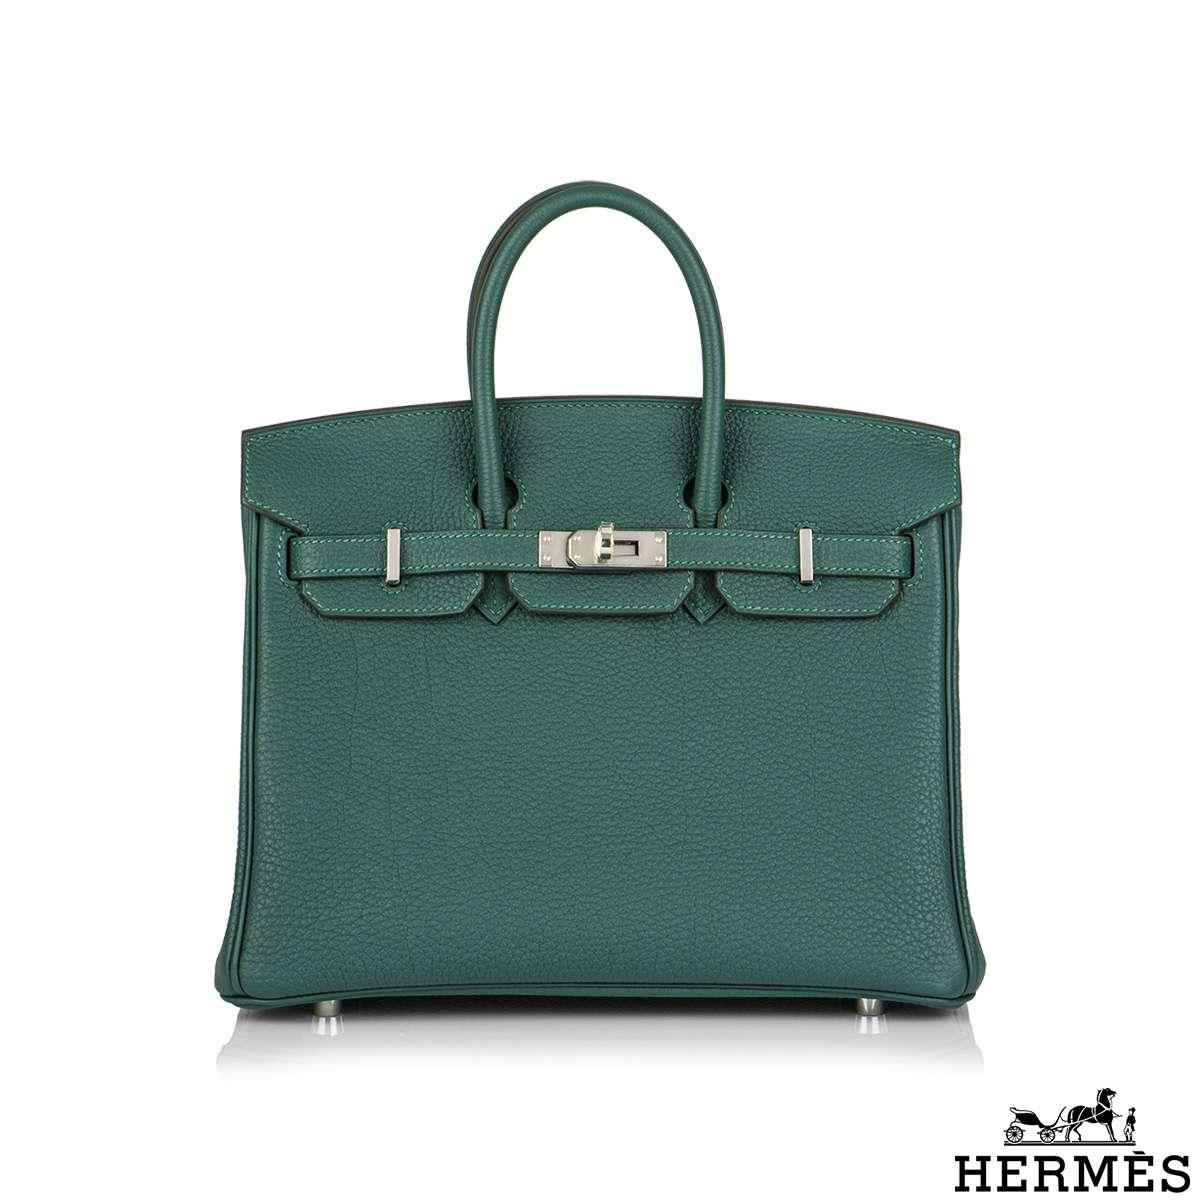 Hermès Malachite Togo Birkin 25cm PHW